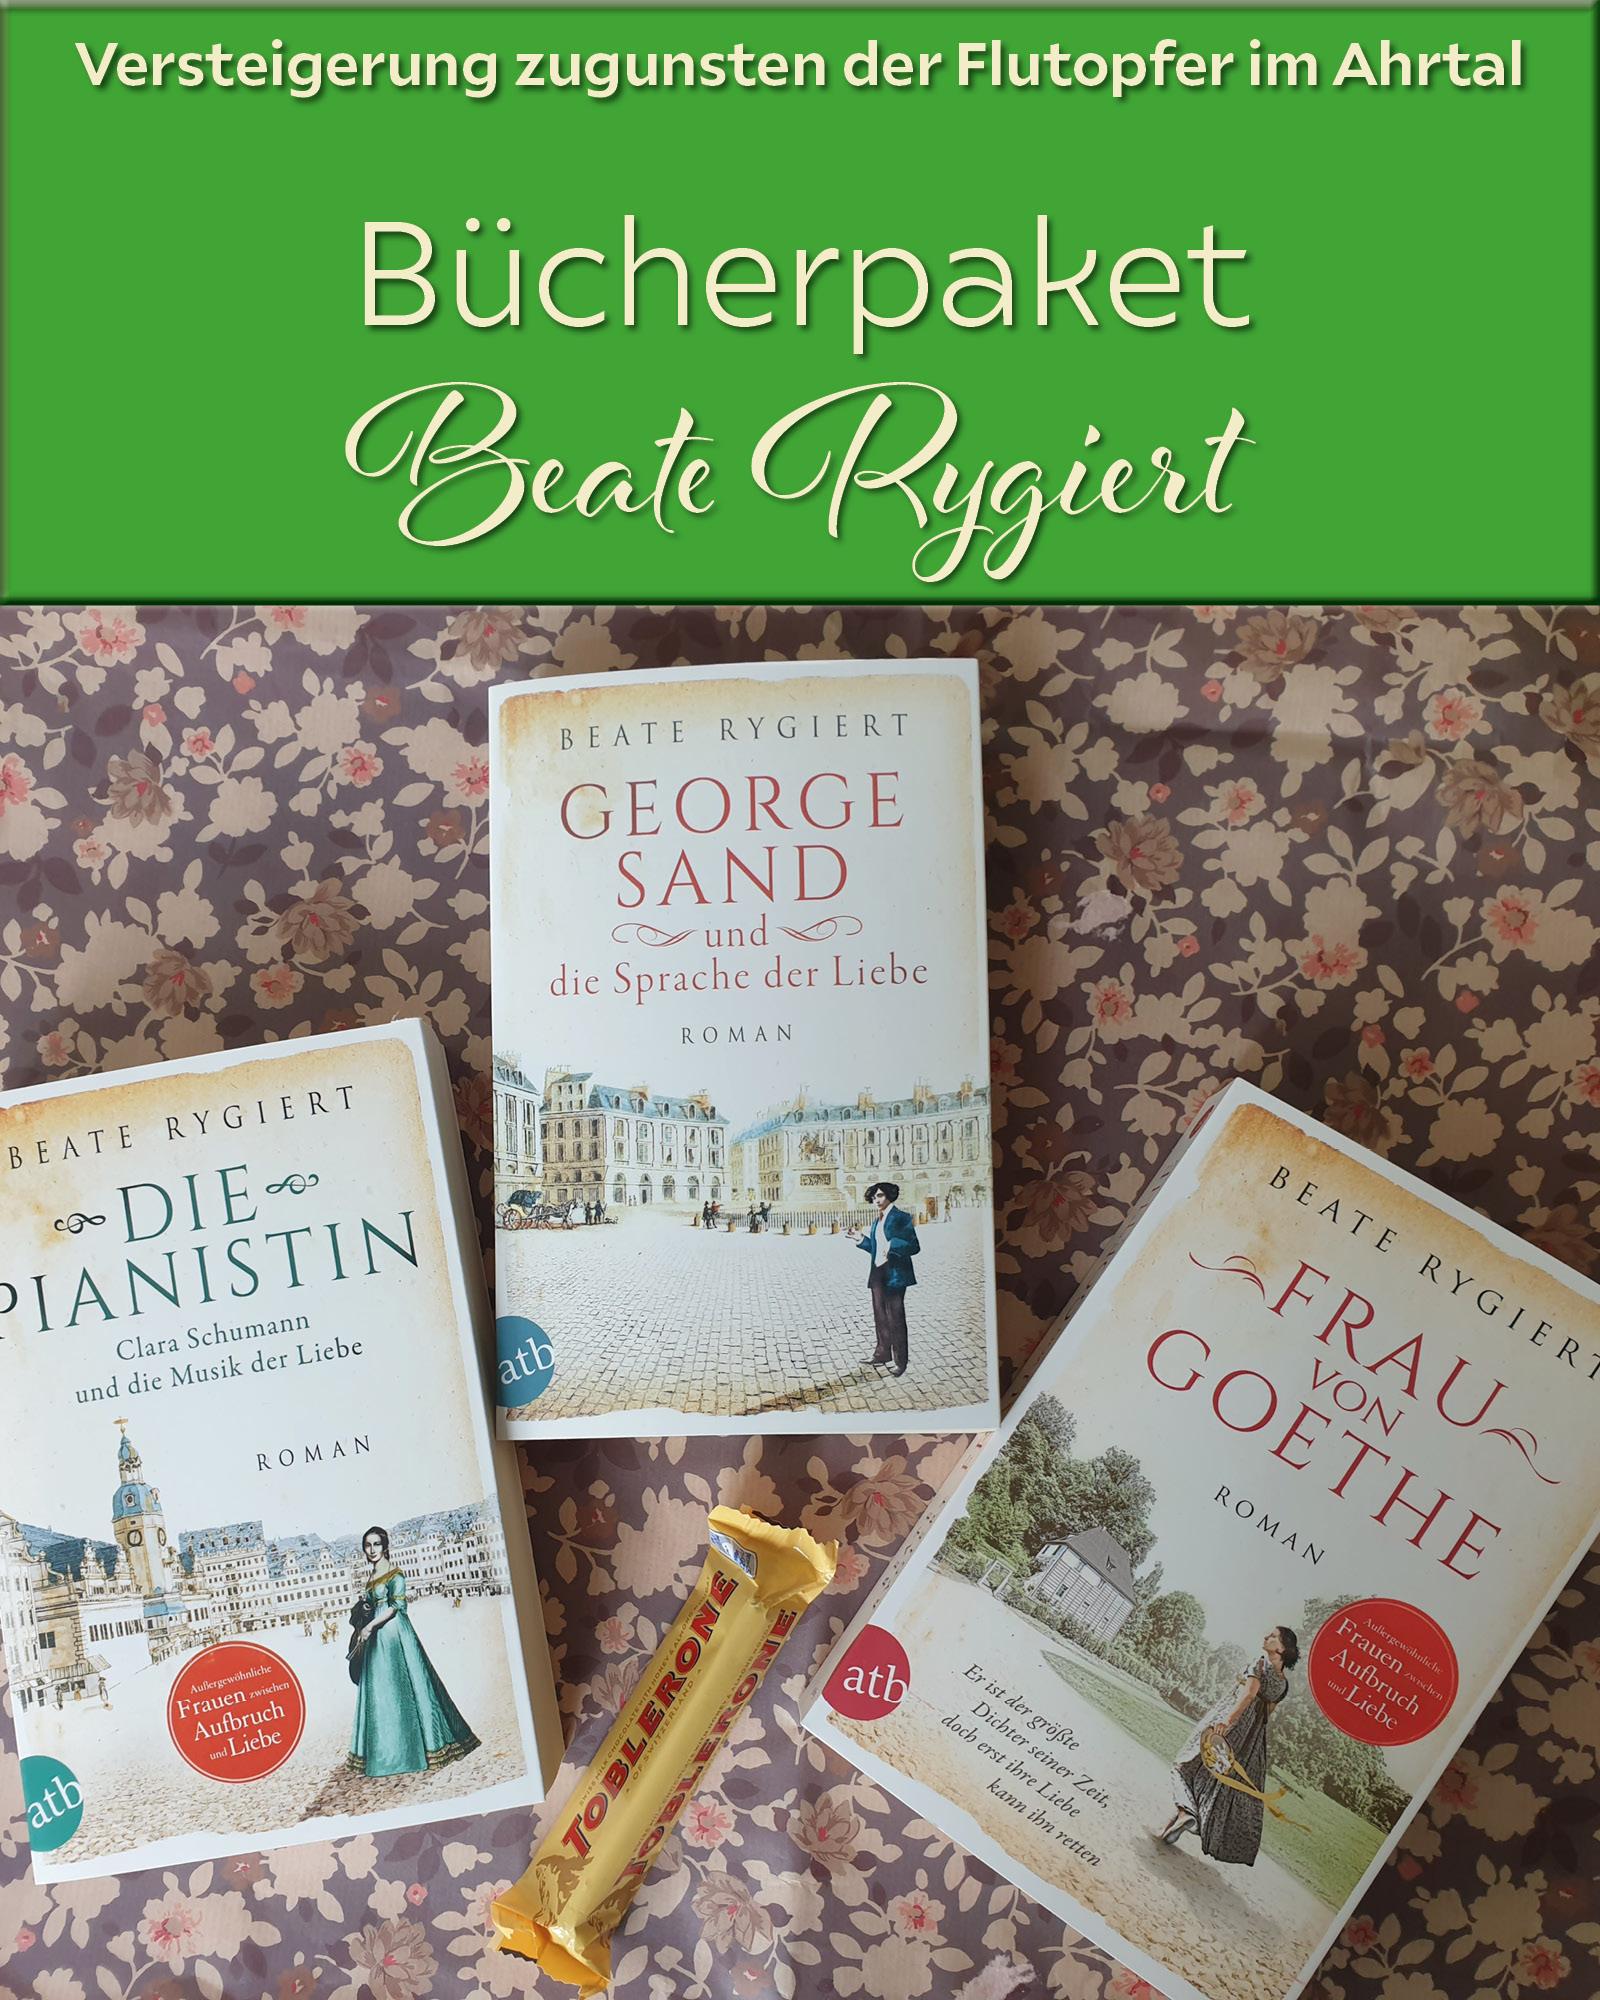 Versteigerungen mit Bücherpaketen von Monika Maifeld und Beate Rygiert